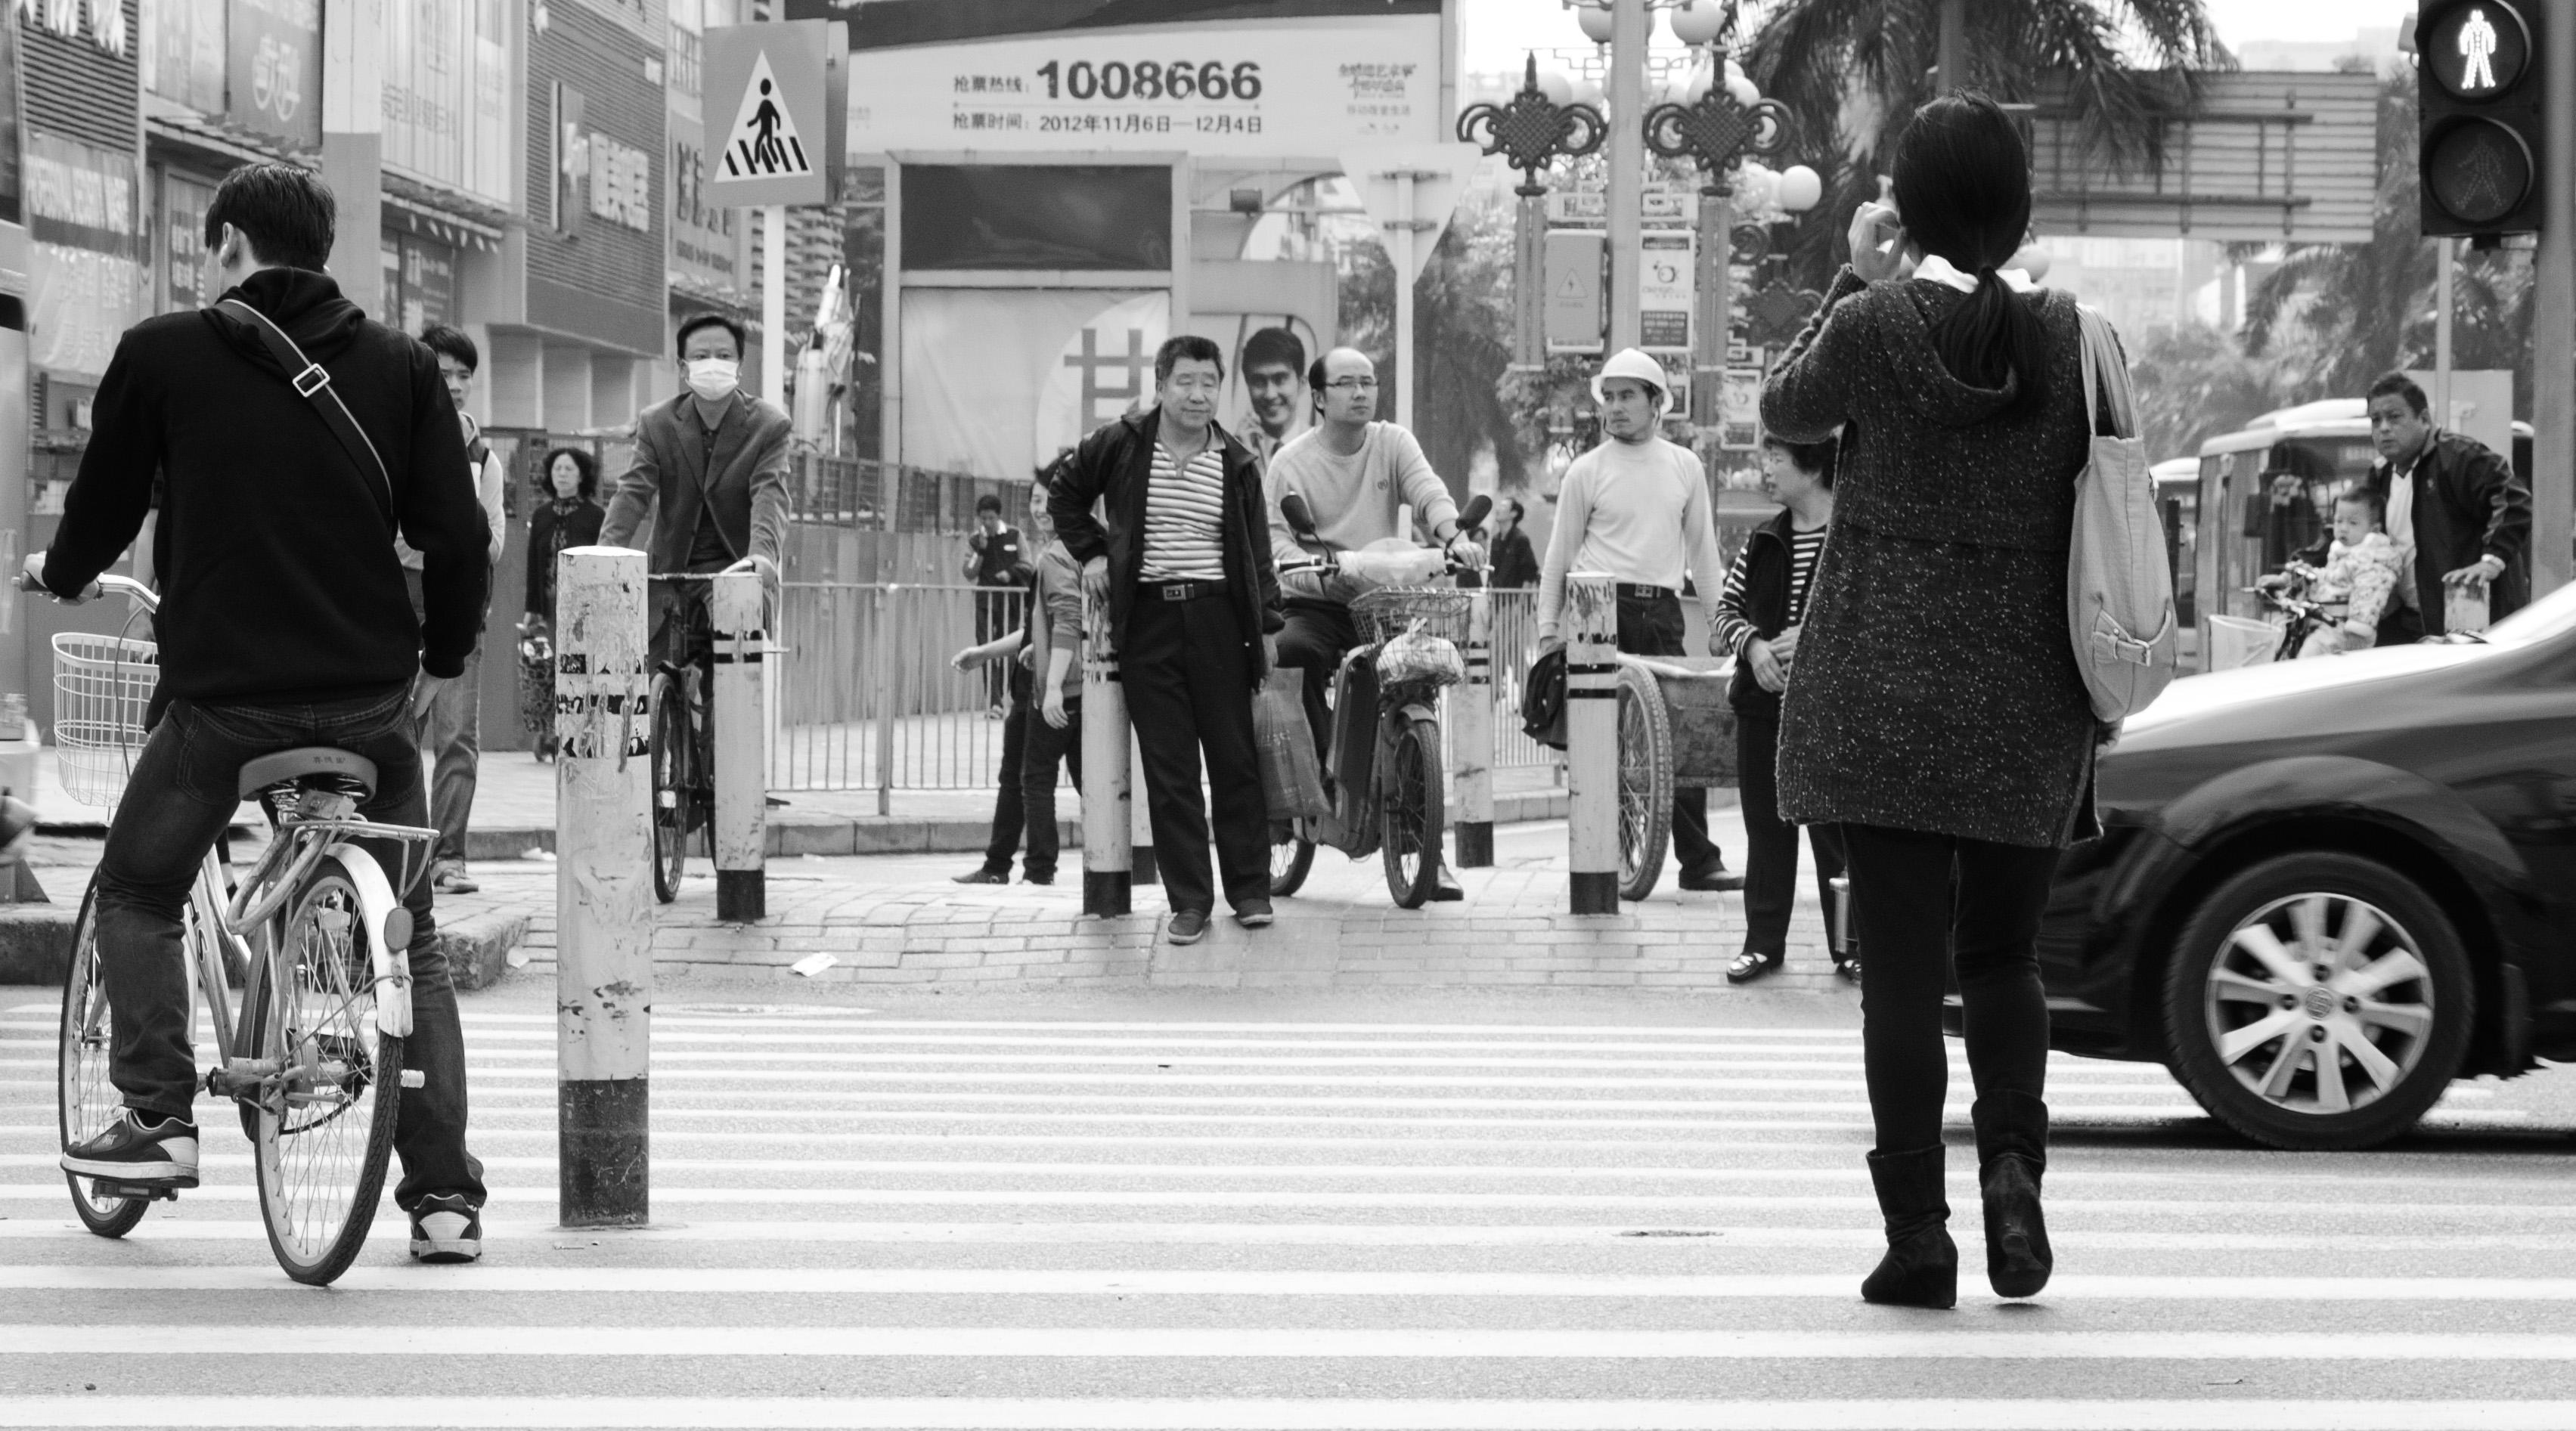 1008666 2012 Shenzhen 1/8